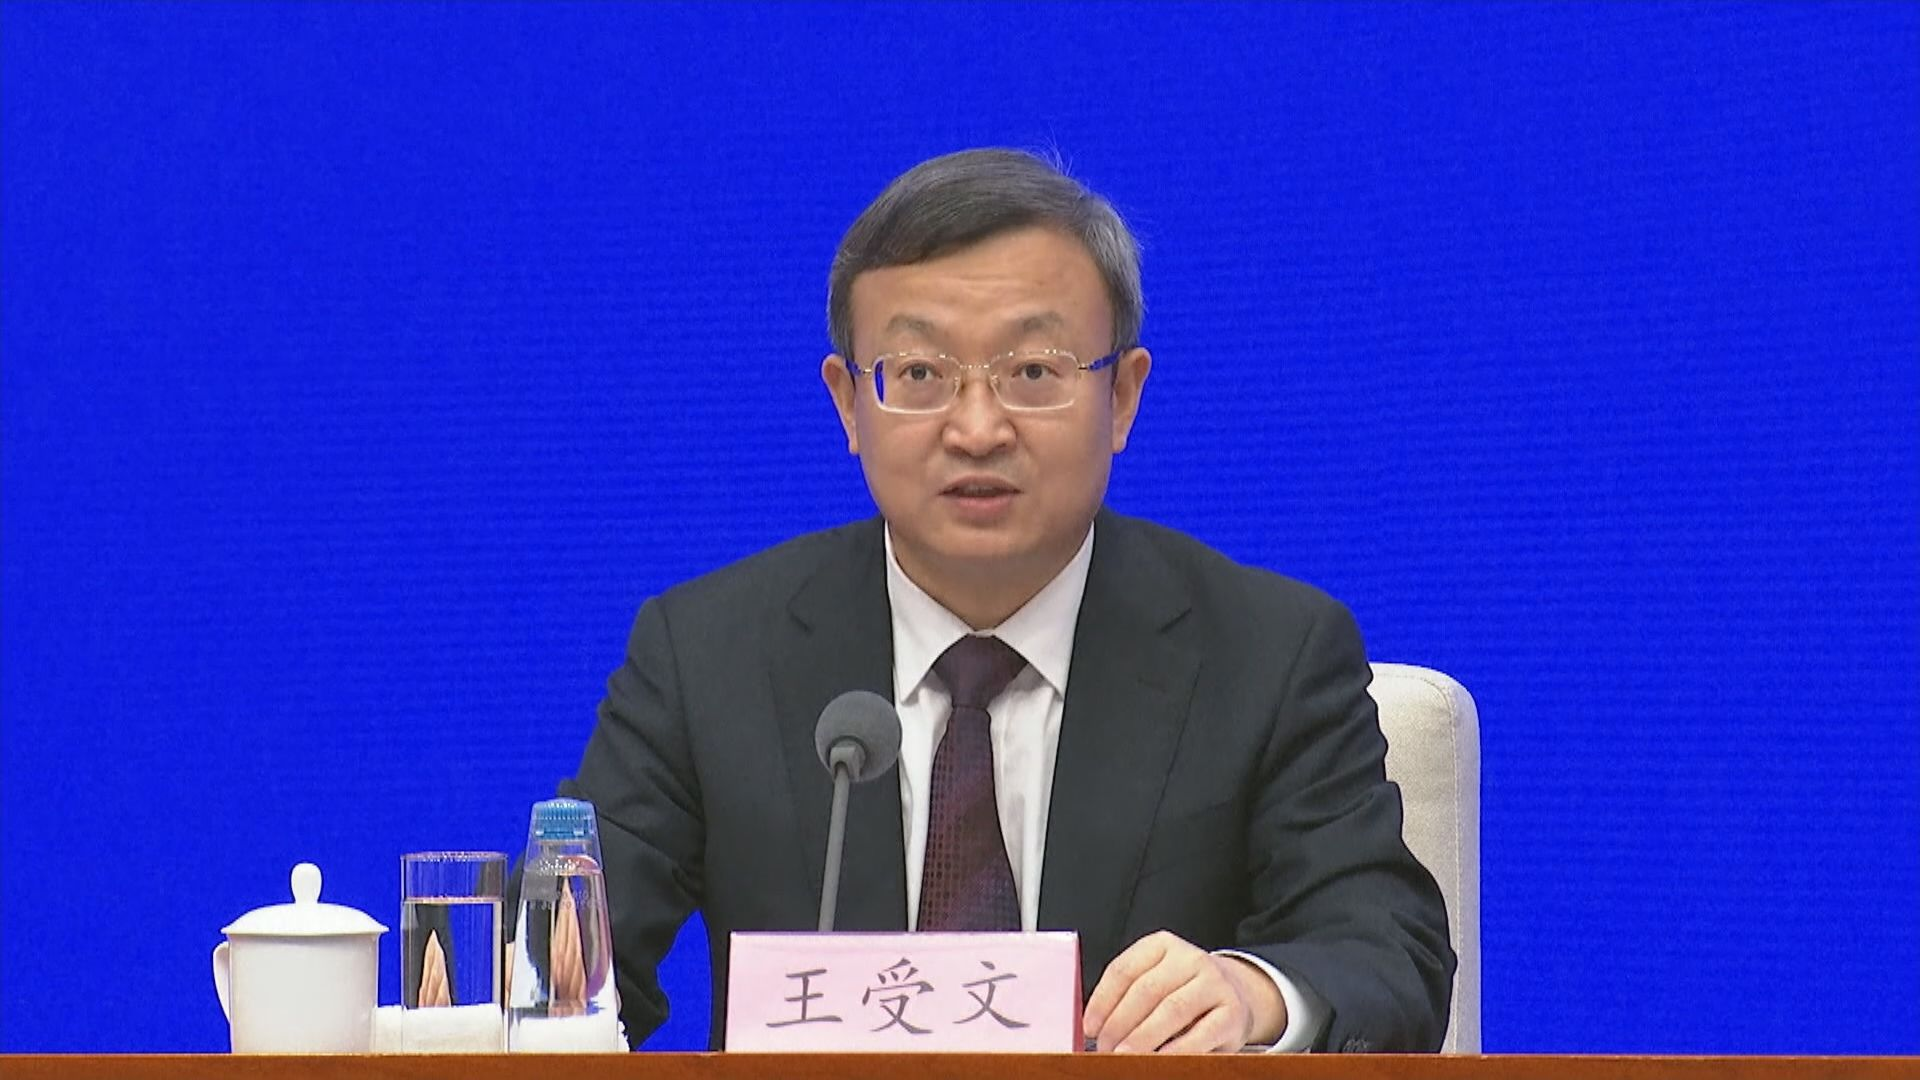 王受文:中美經貿關係面臨嚴峻挑戰